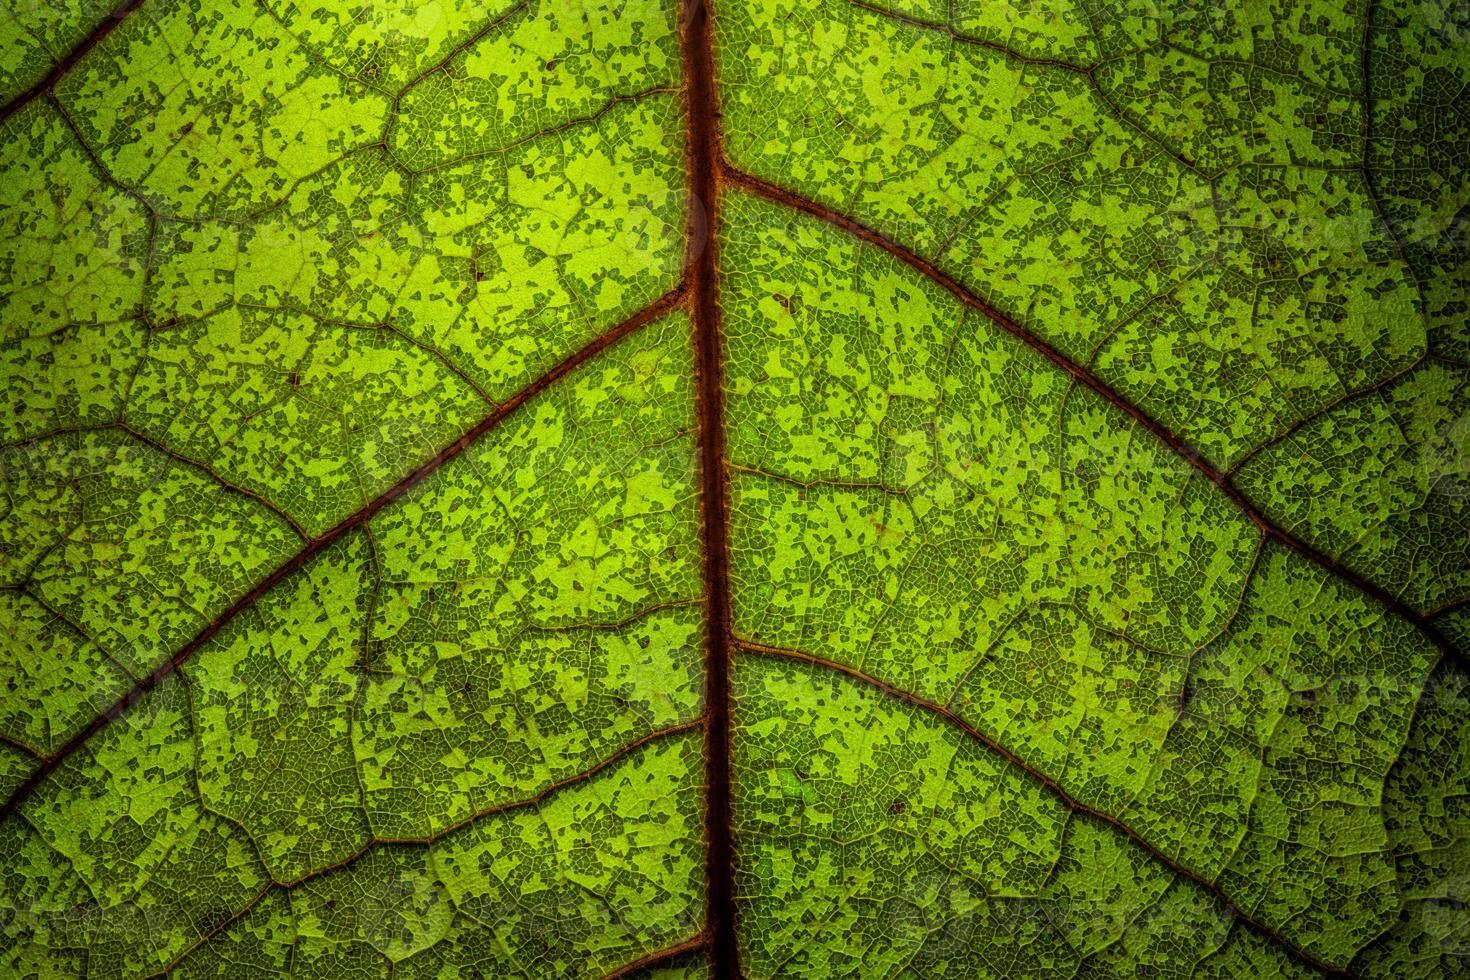 primo piano di una foglia verde con venature rosse foto